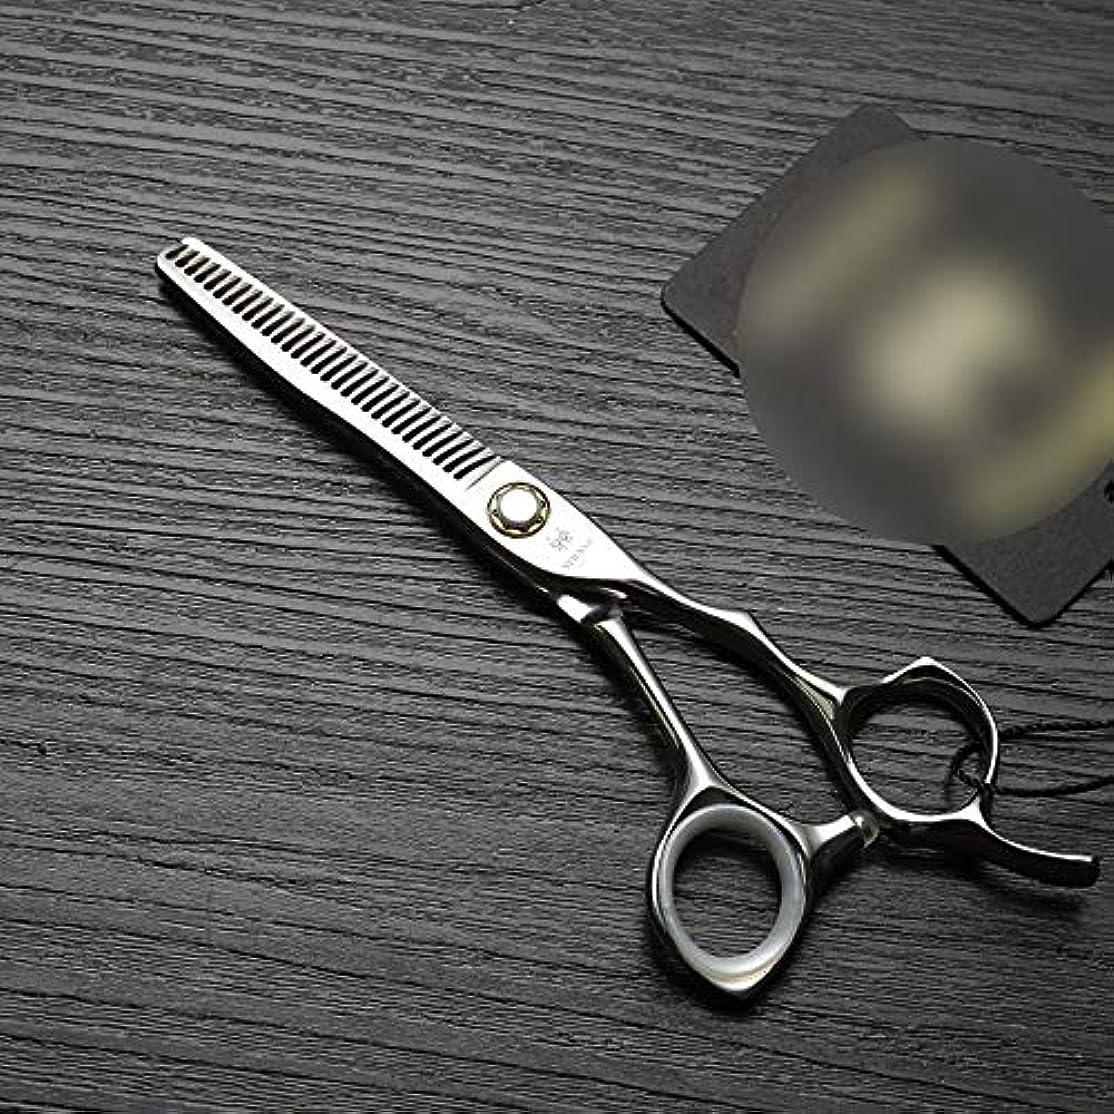 回る重々しい激しい理髪用はさみ 6インチプロフェッショナル理髪はさみ、ベアリングねじ、ステンレス鋼のはさみはさみヘアカットはさみステンレス理髪はさみ (色 : Silver)